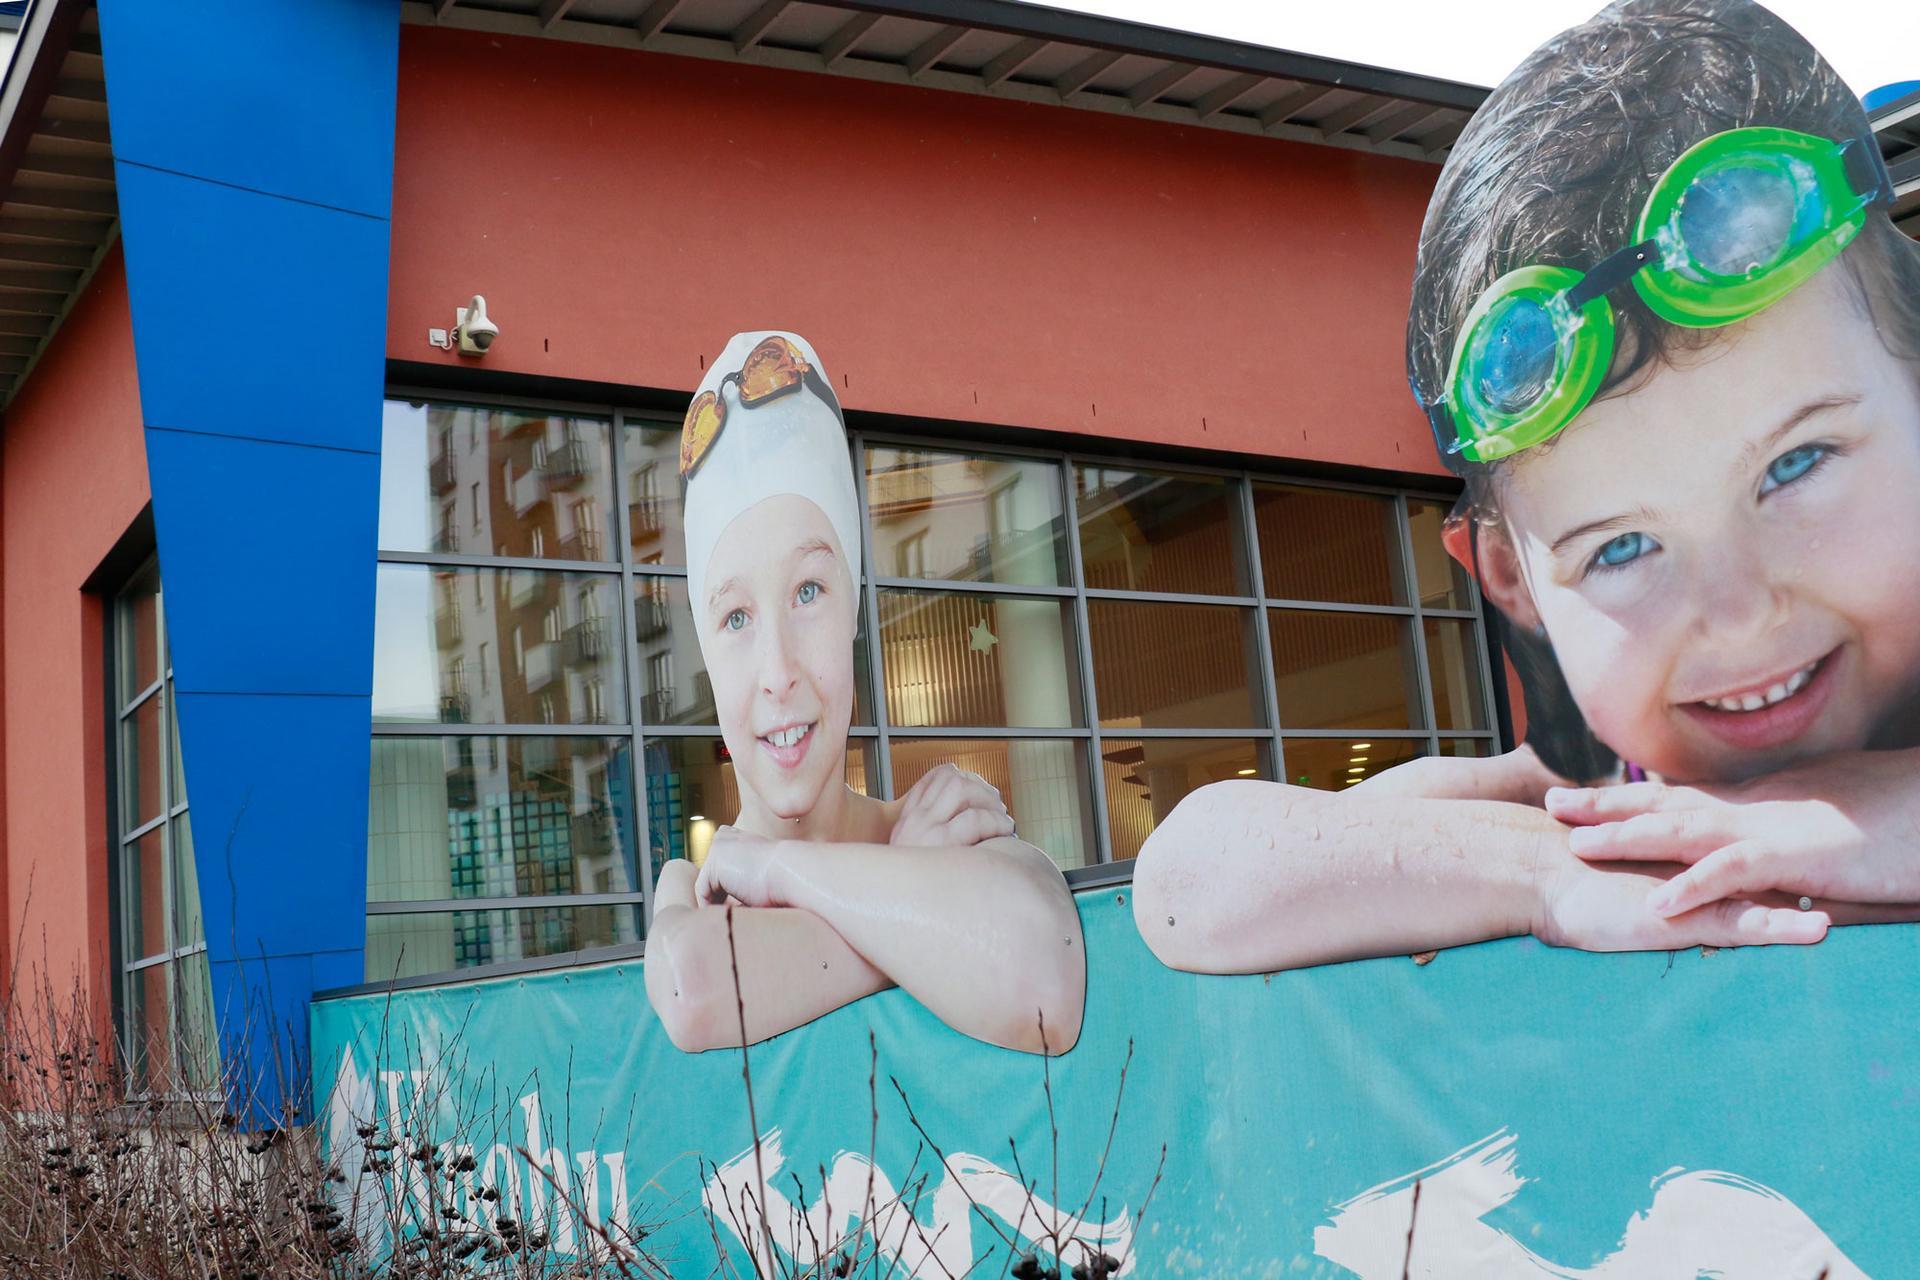 Vammaisneuvoston jäsenet ovat käyneet esteettömyyskartoittamassa kohteita, joissa kaupunkilaiset asioivat usein. Yksi käyntikohteista on Kangasalan uimahalli Kuohu.